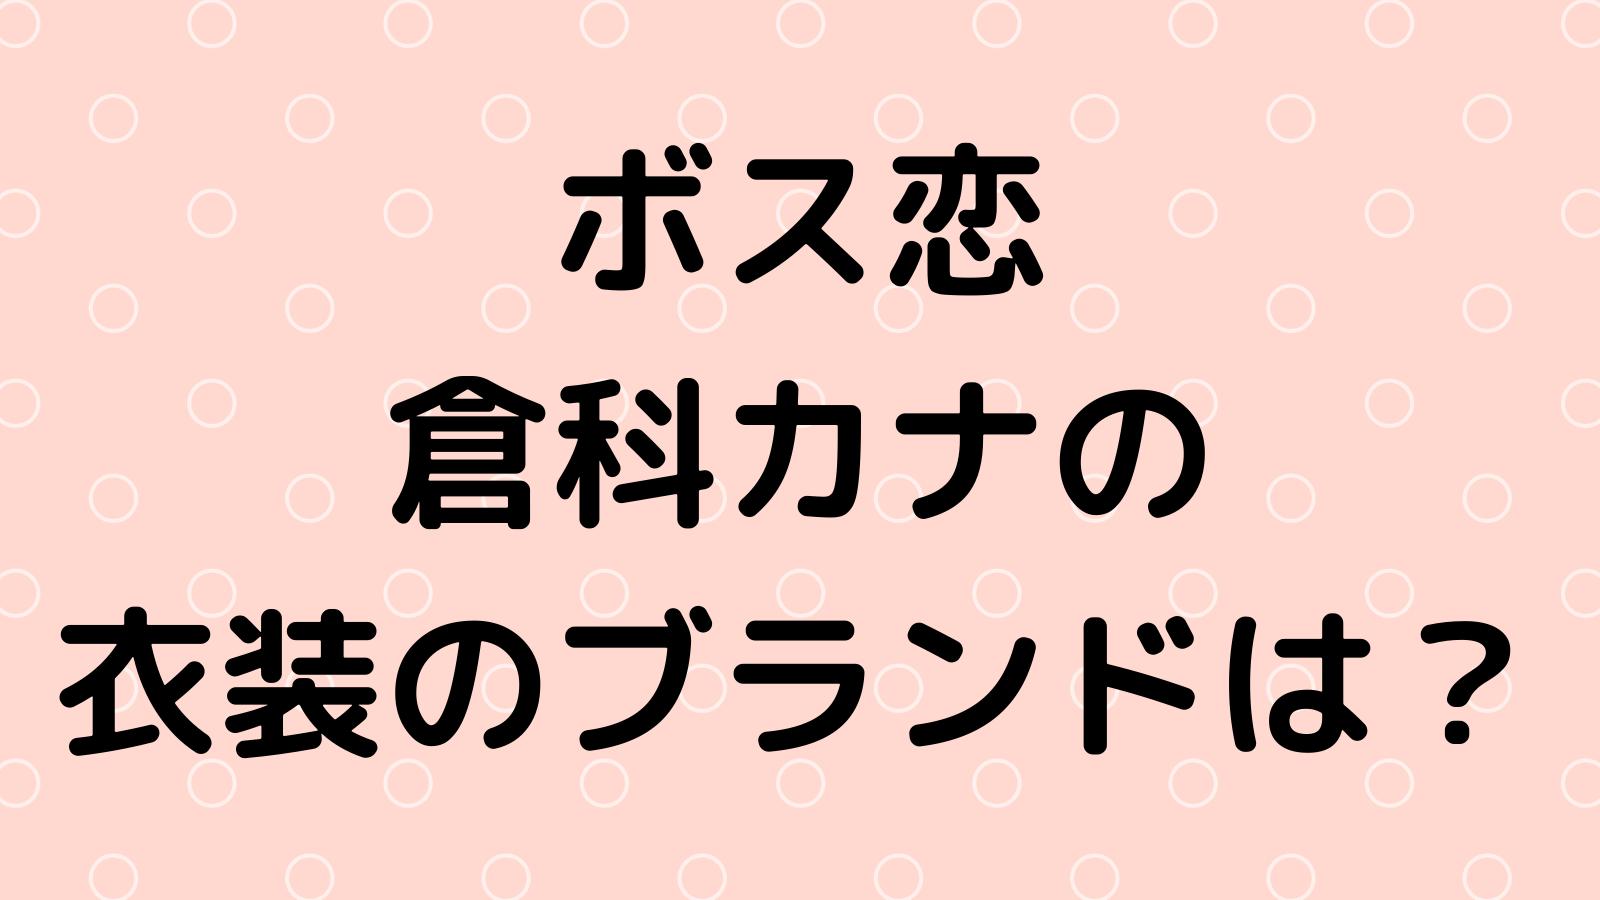 ボス恋|倉科カナの衣装のブランドは?